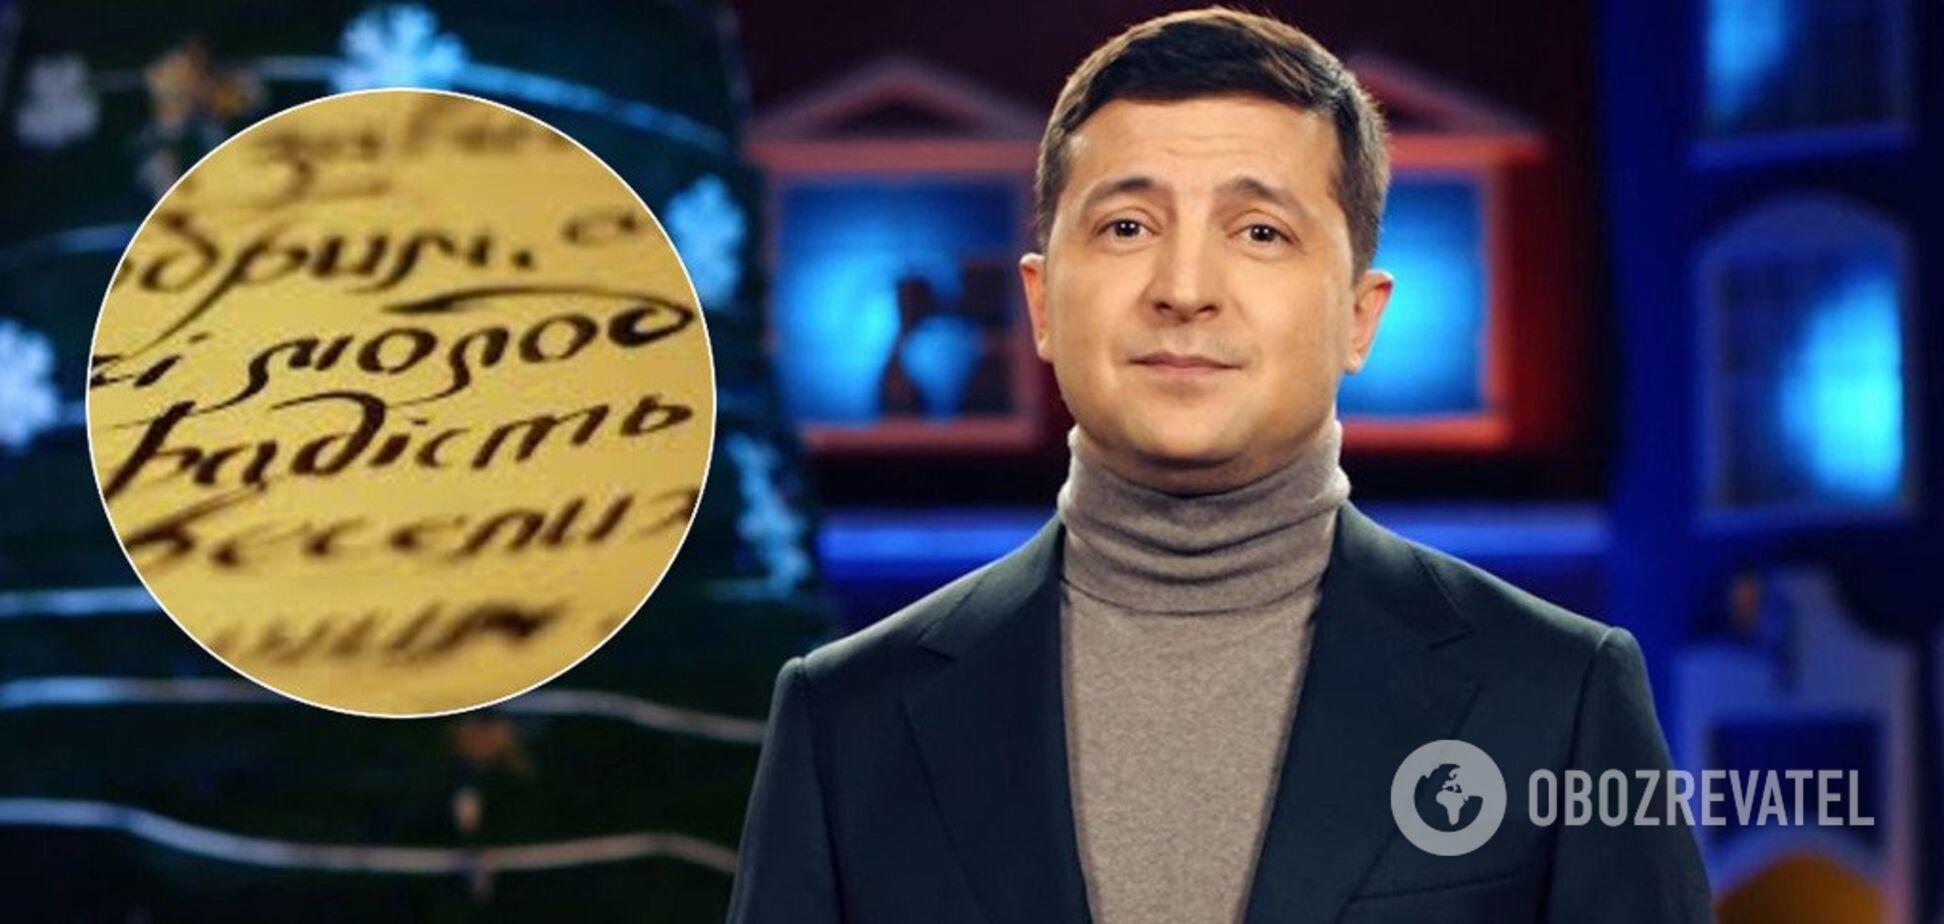 Бекешкина пояснила, почему Зеленскому нельзя говорить по-русски